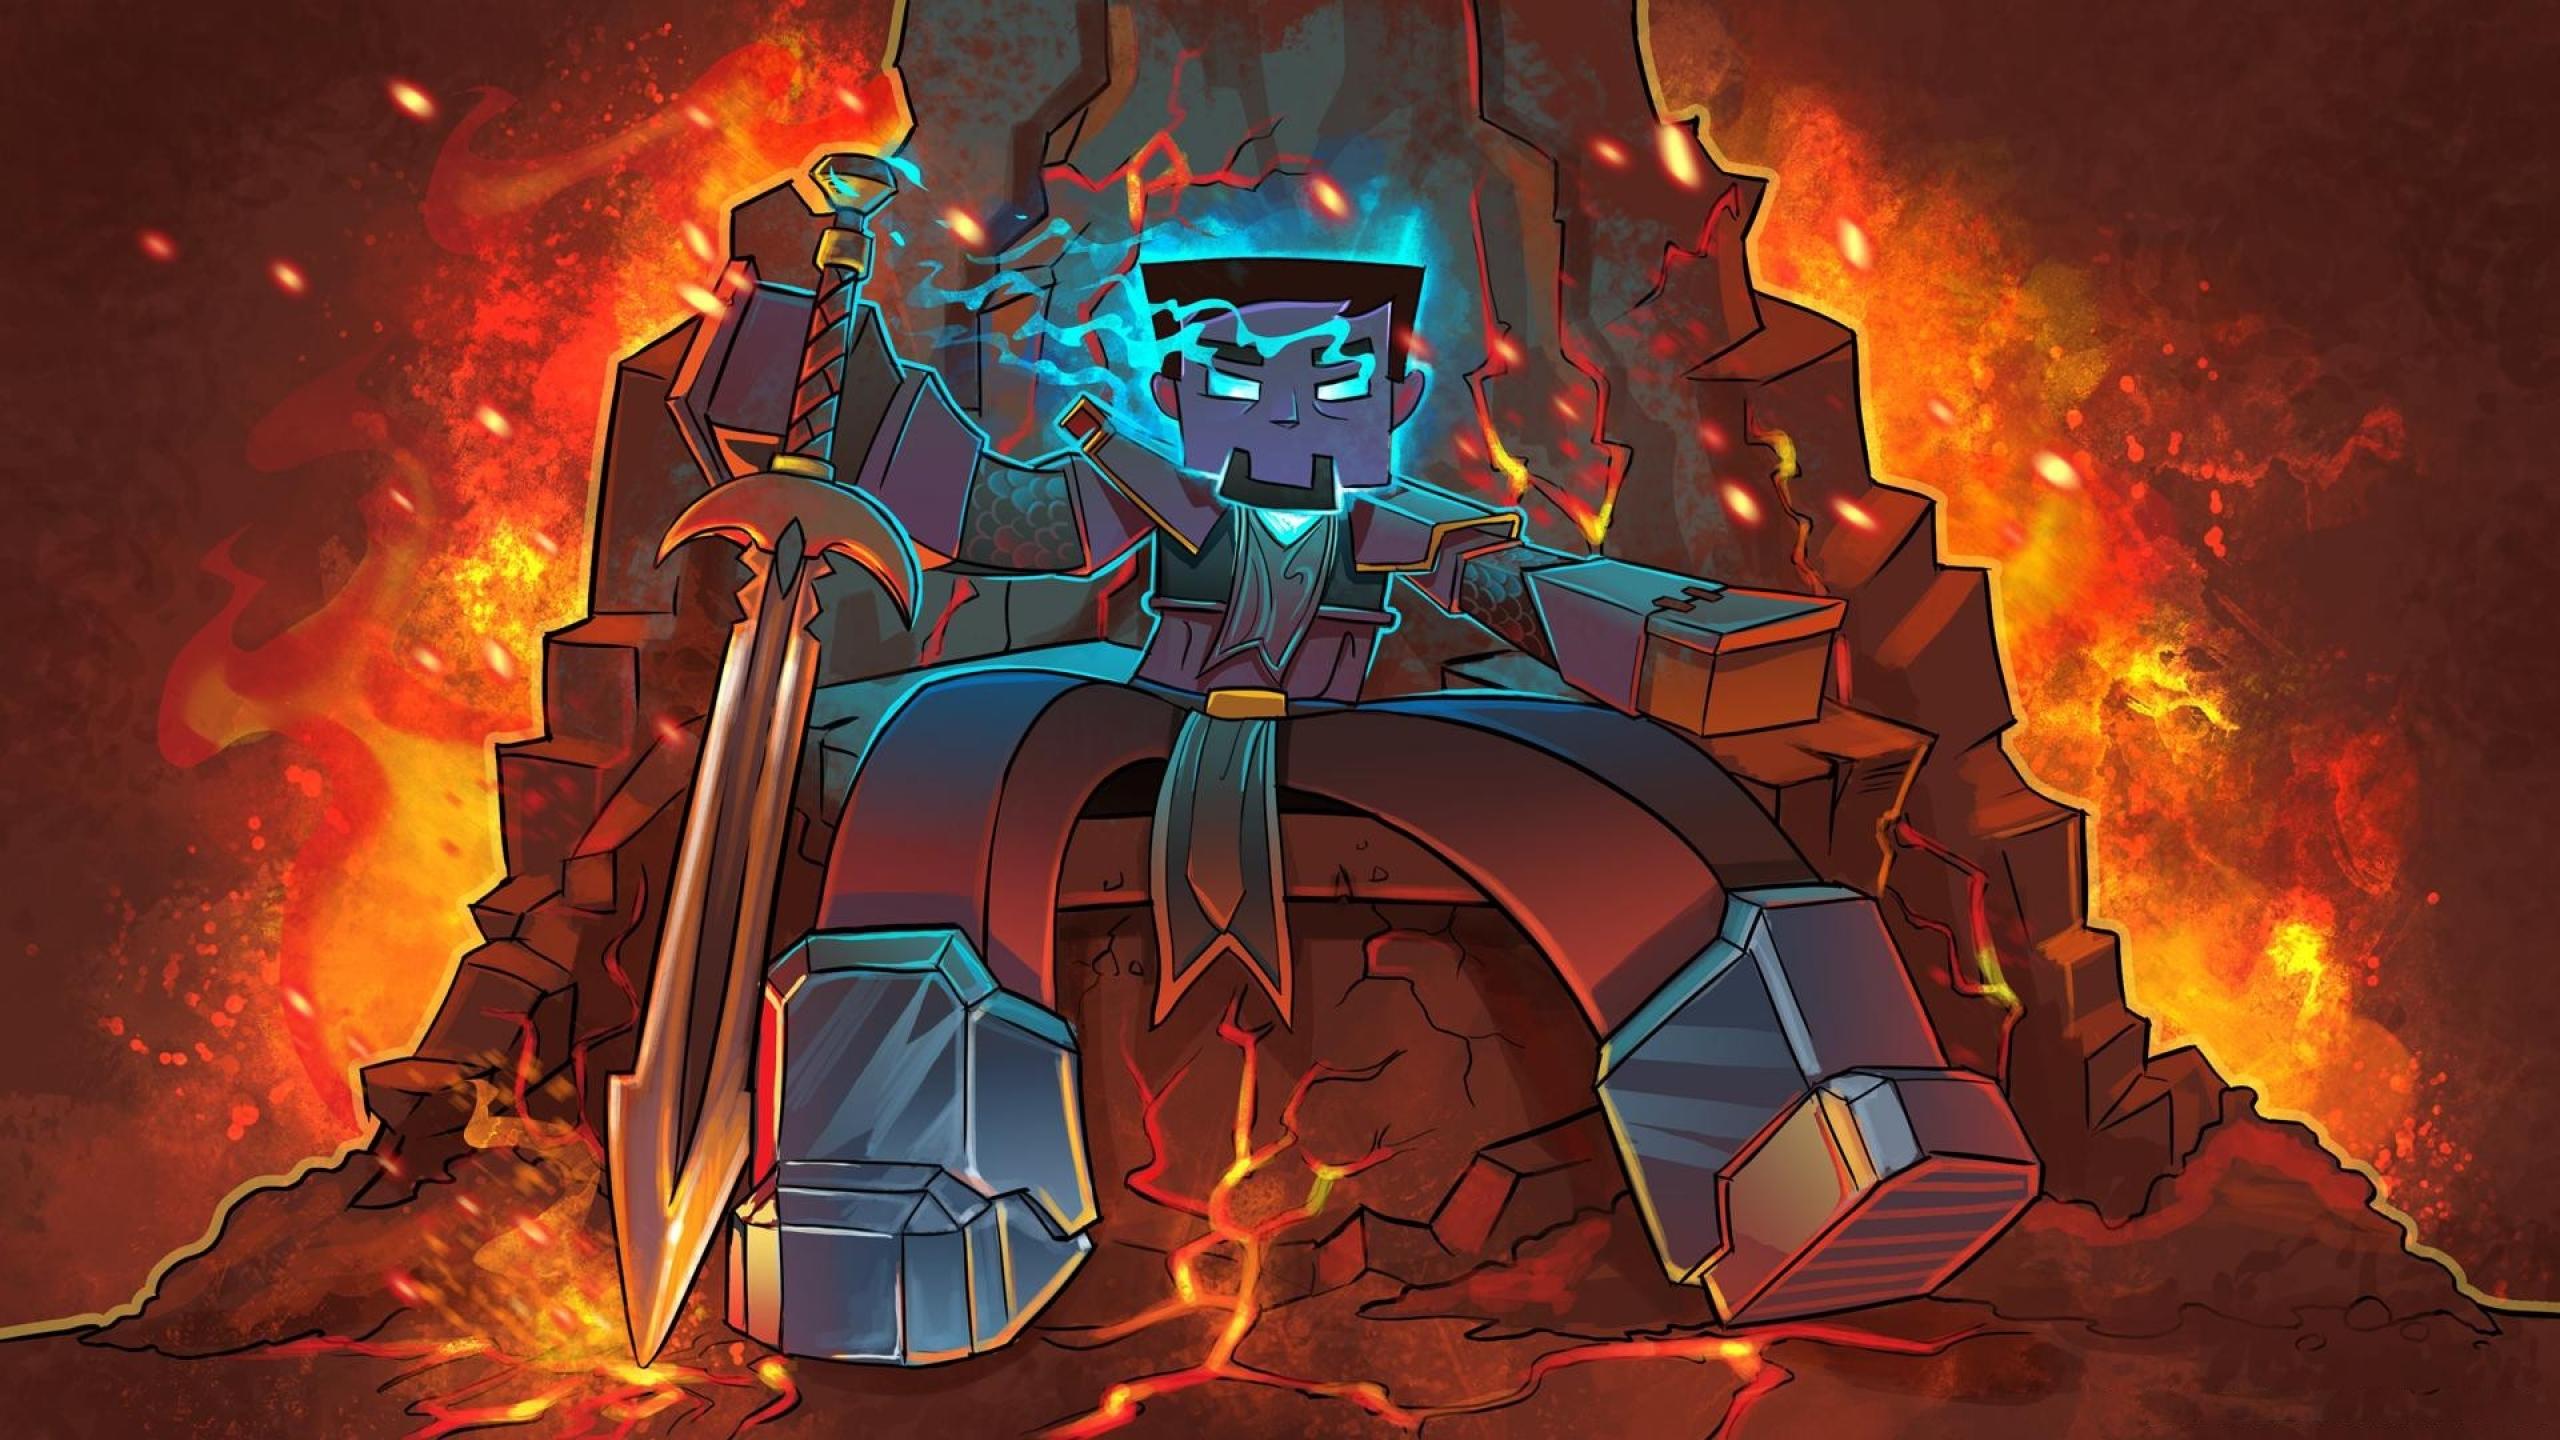 minecraft artwork herobrine Best WallpapersTop WallpapersWallpapers 2560x1440